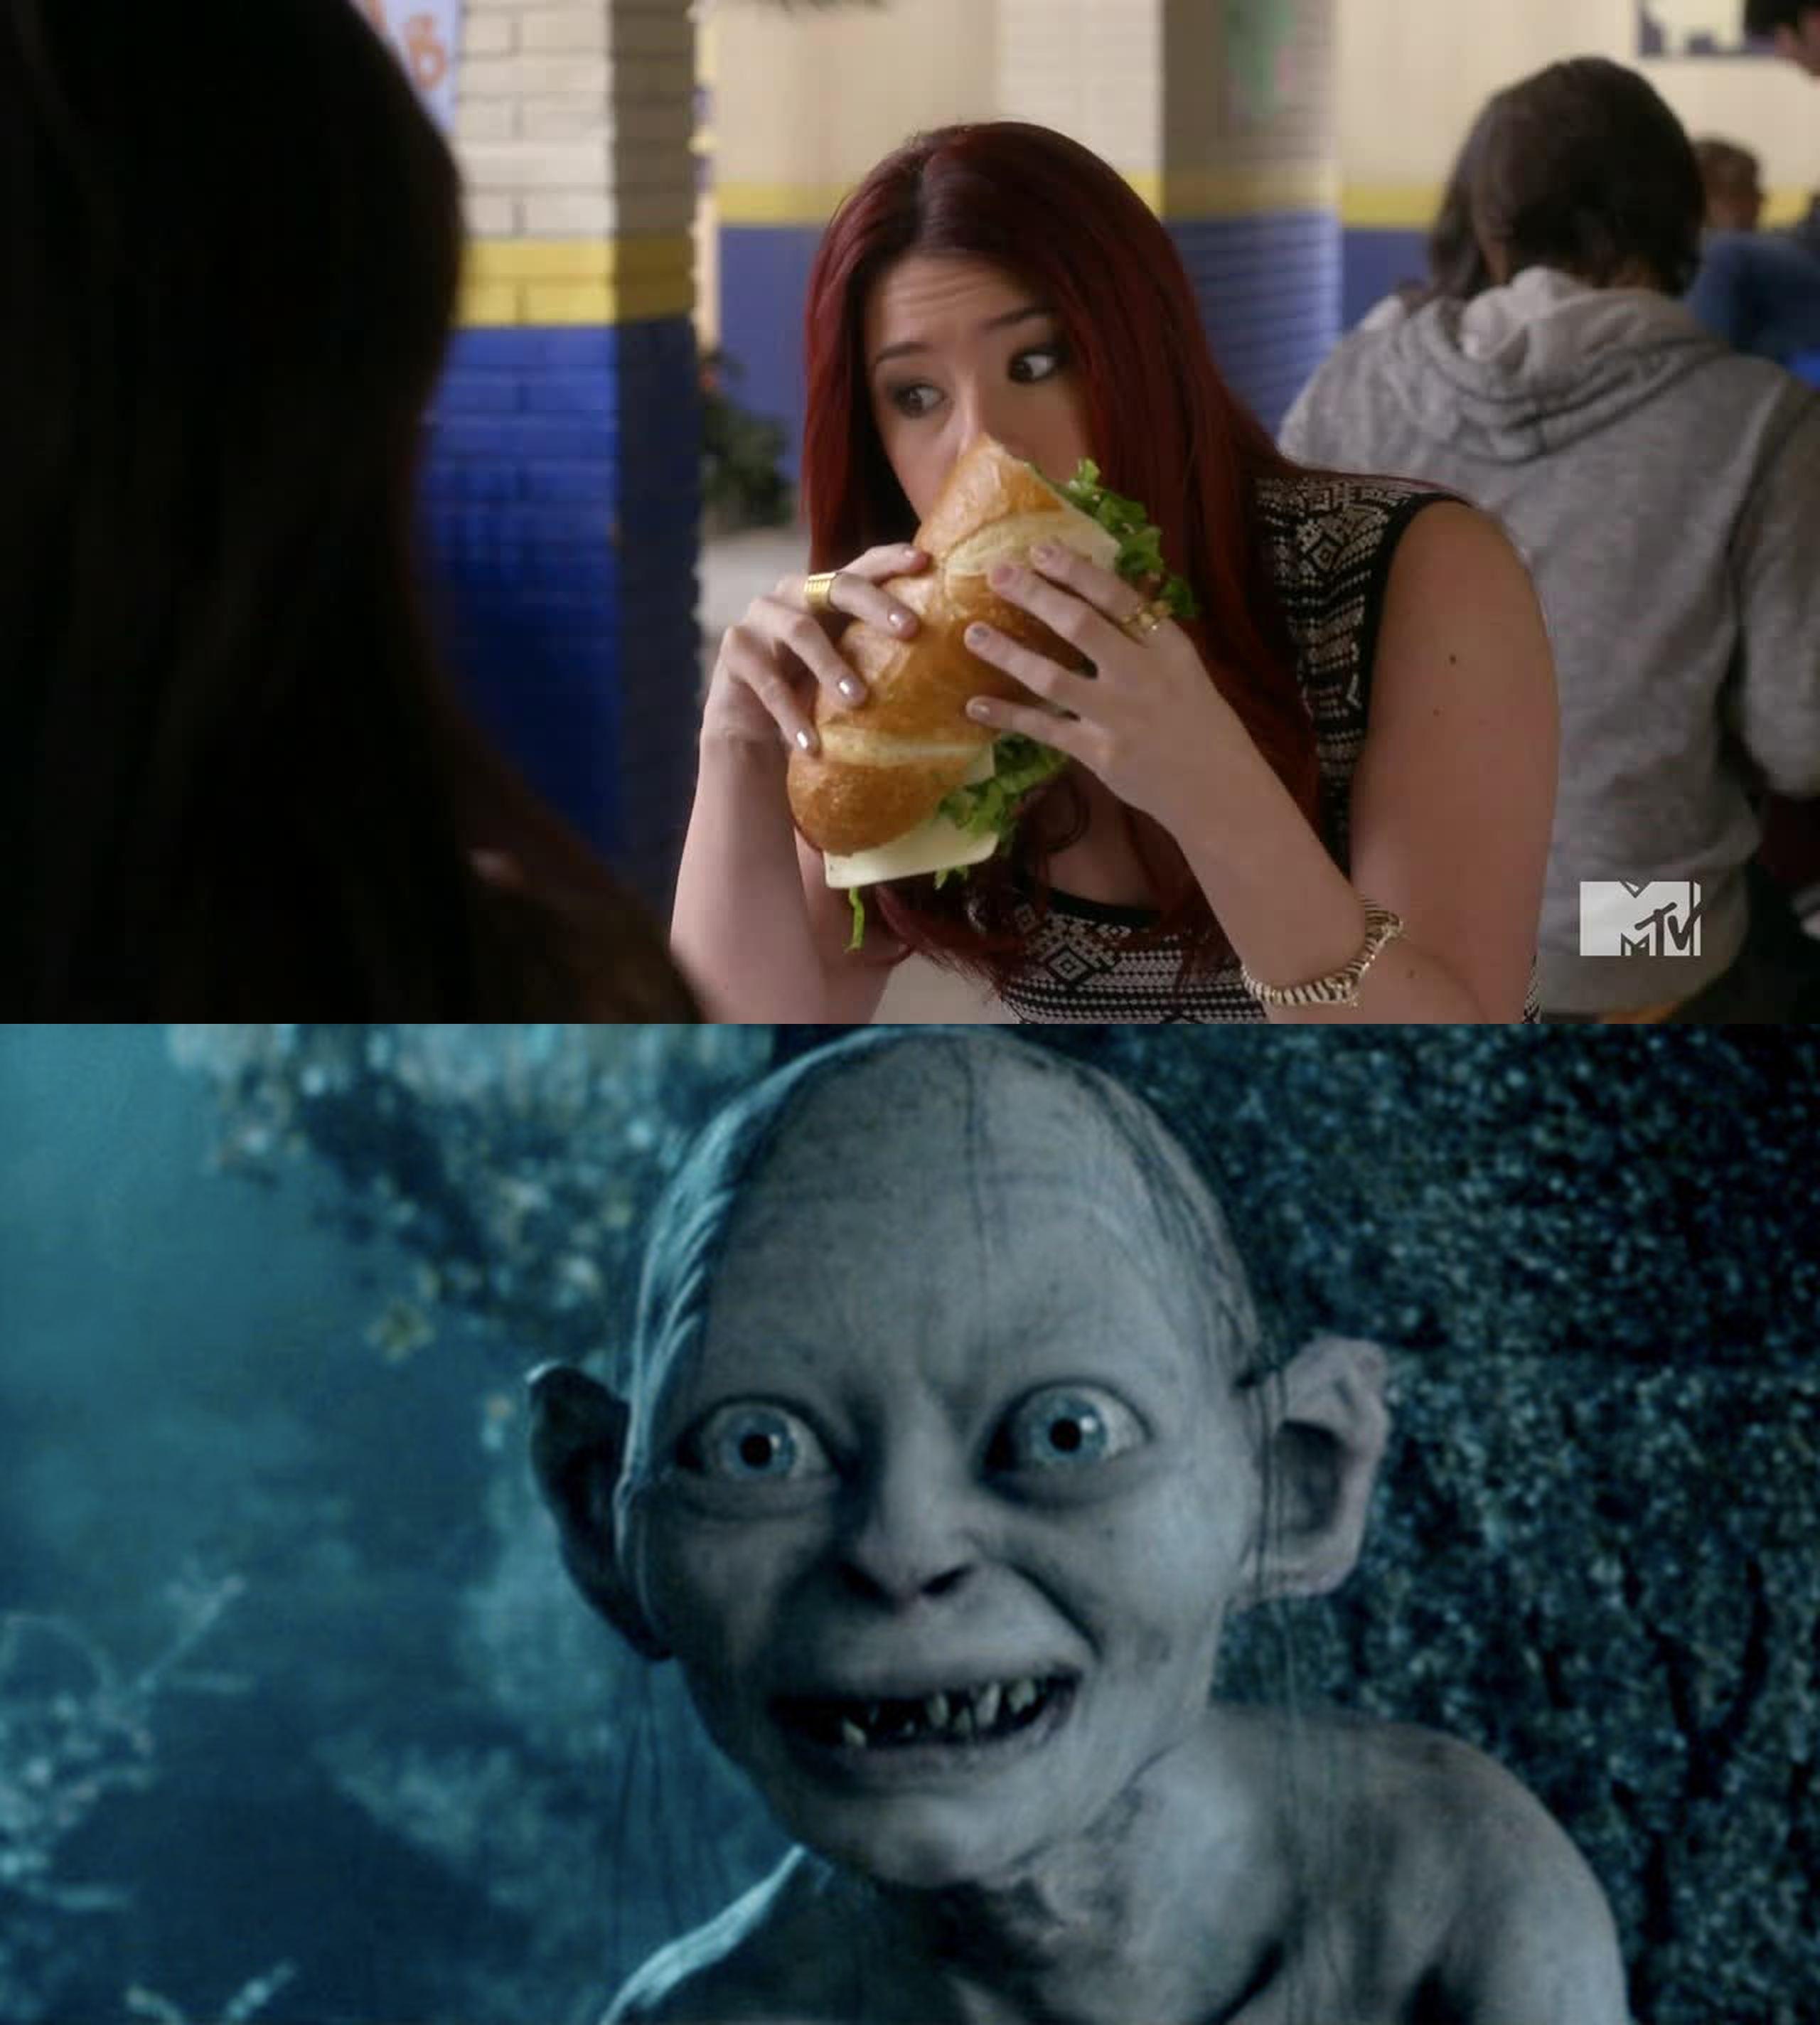 Ce sandwich est énorme ! Elle est enceinte ?